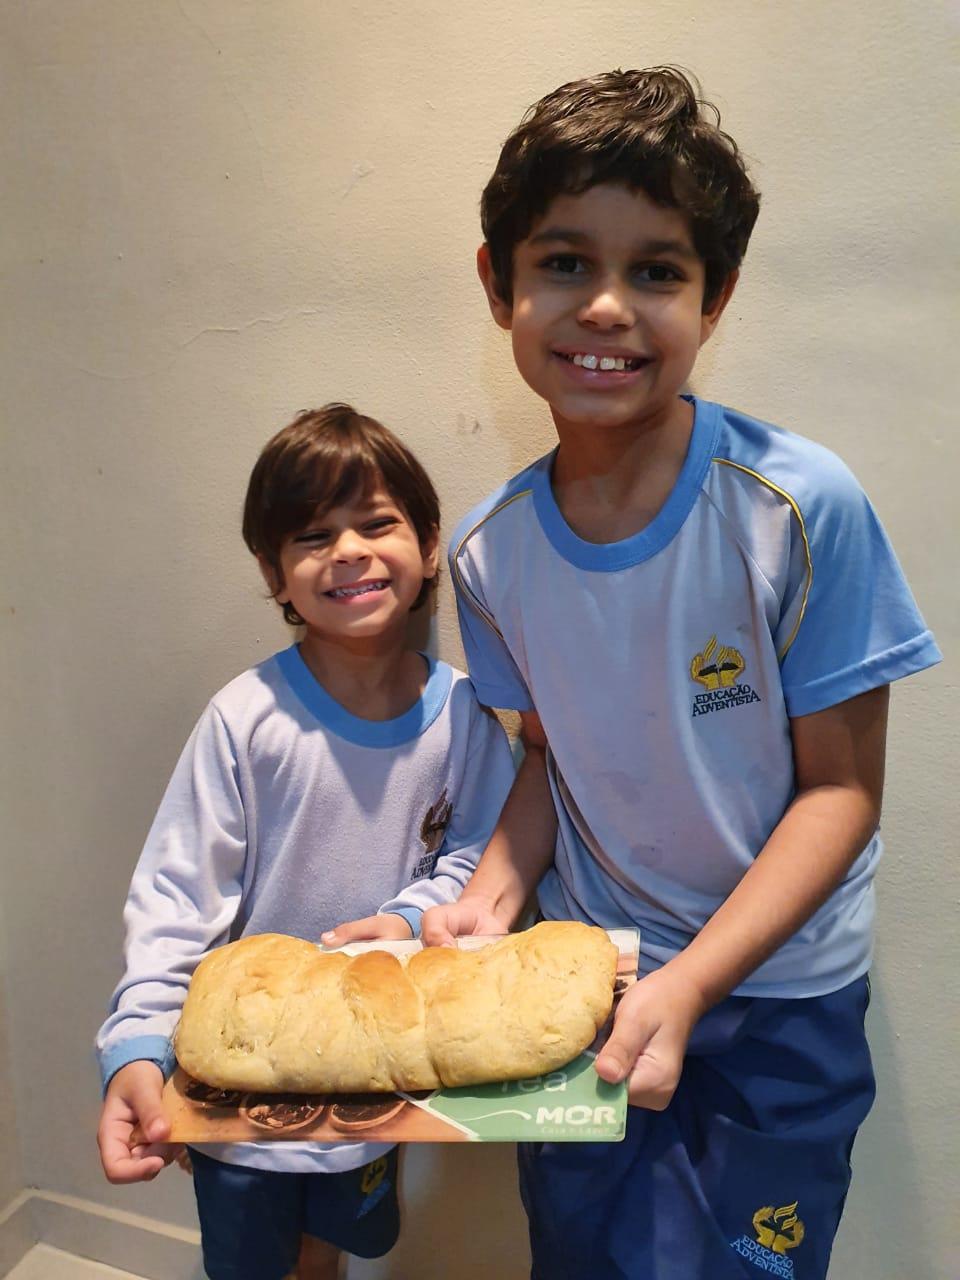 Daniel e Rafael exibem o pão feito por eles durante a live.